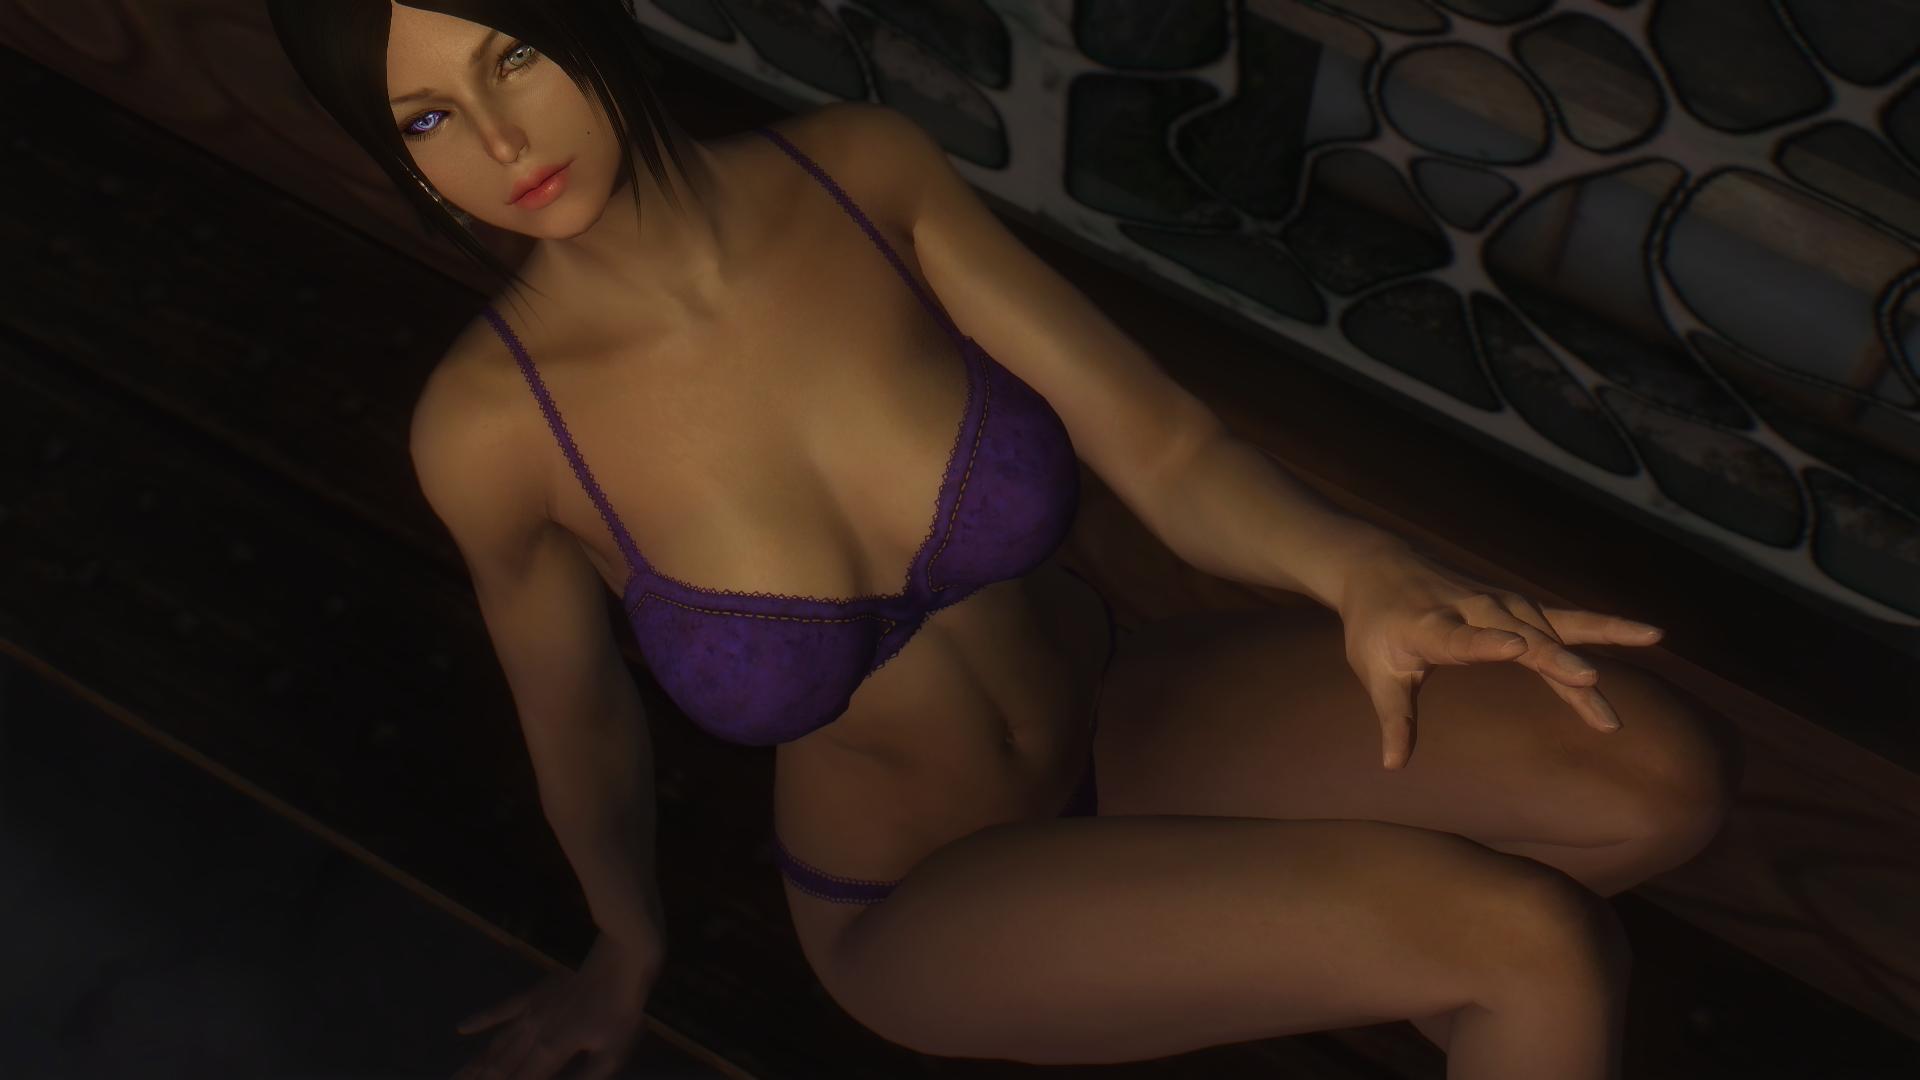 Skyrim3601